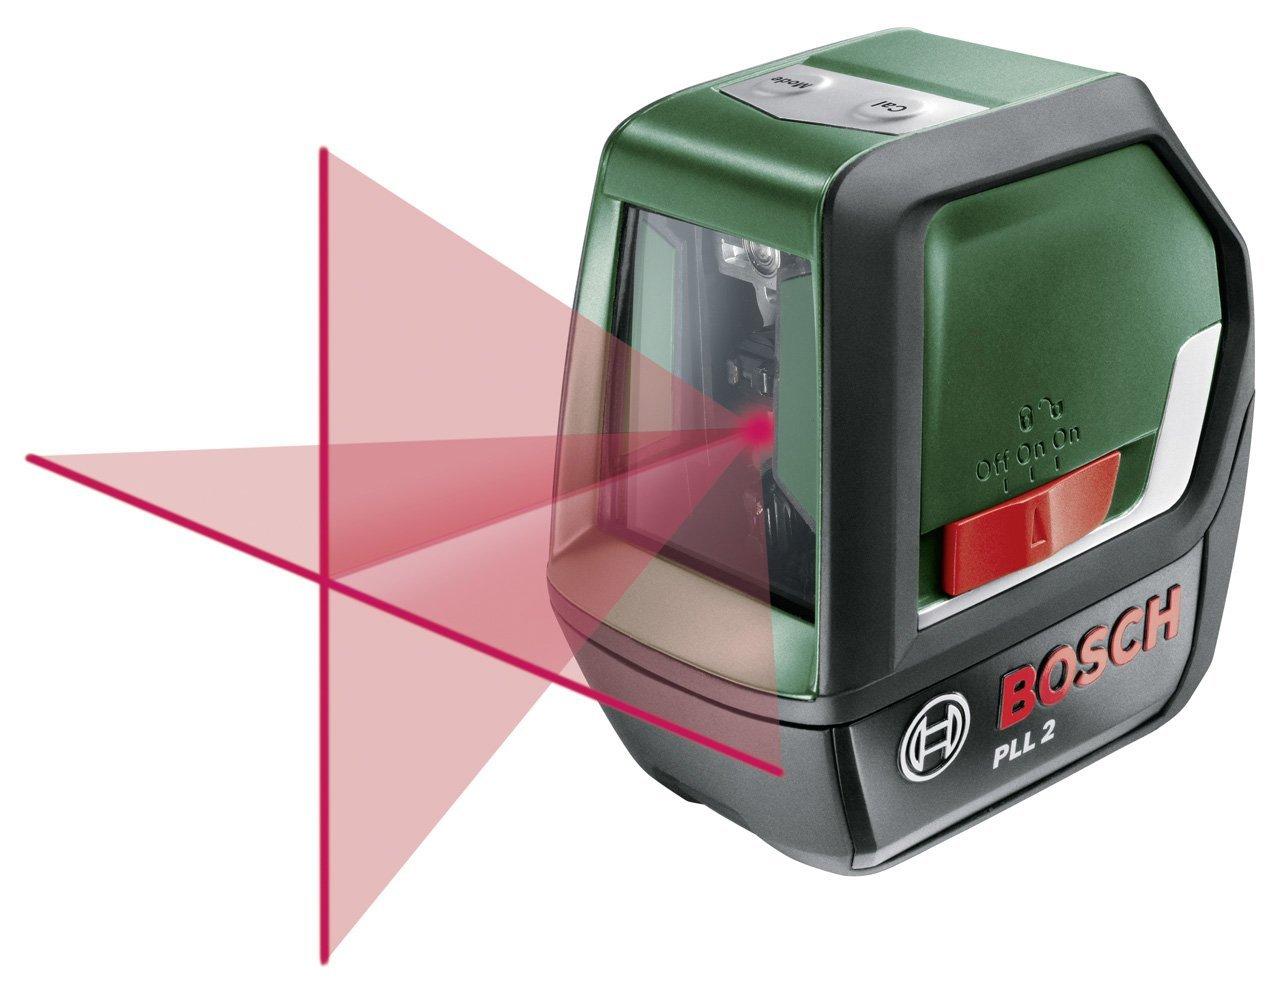 Bosch Laser Entfernungsmesser Toom : Bosch sammeldeal rabatt bei amazon diy tlg